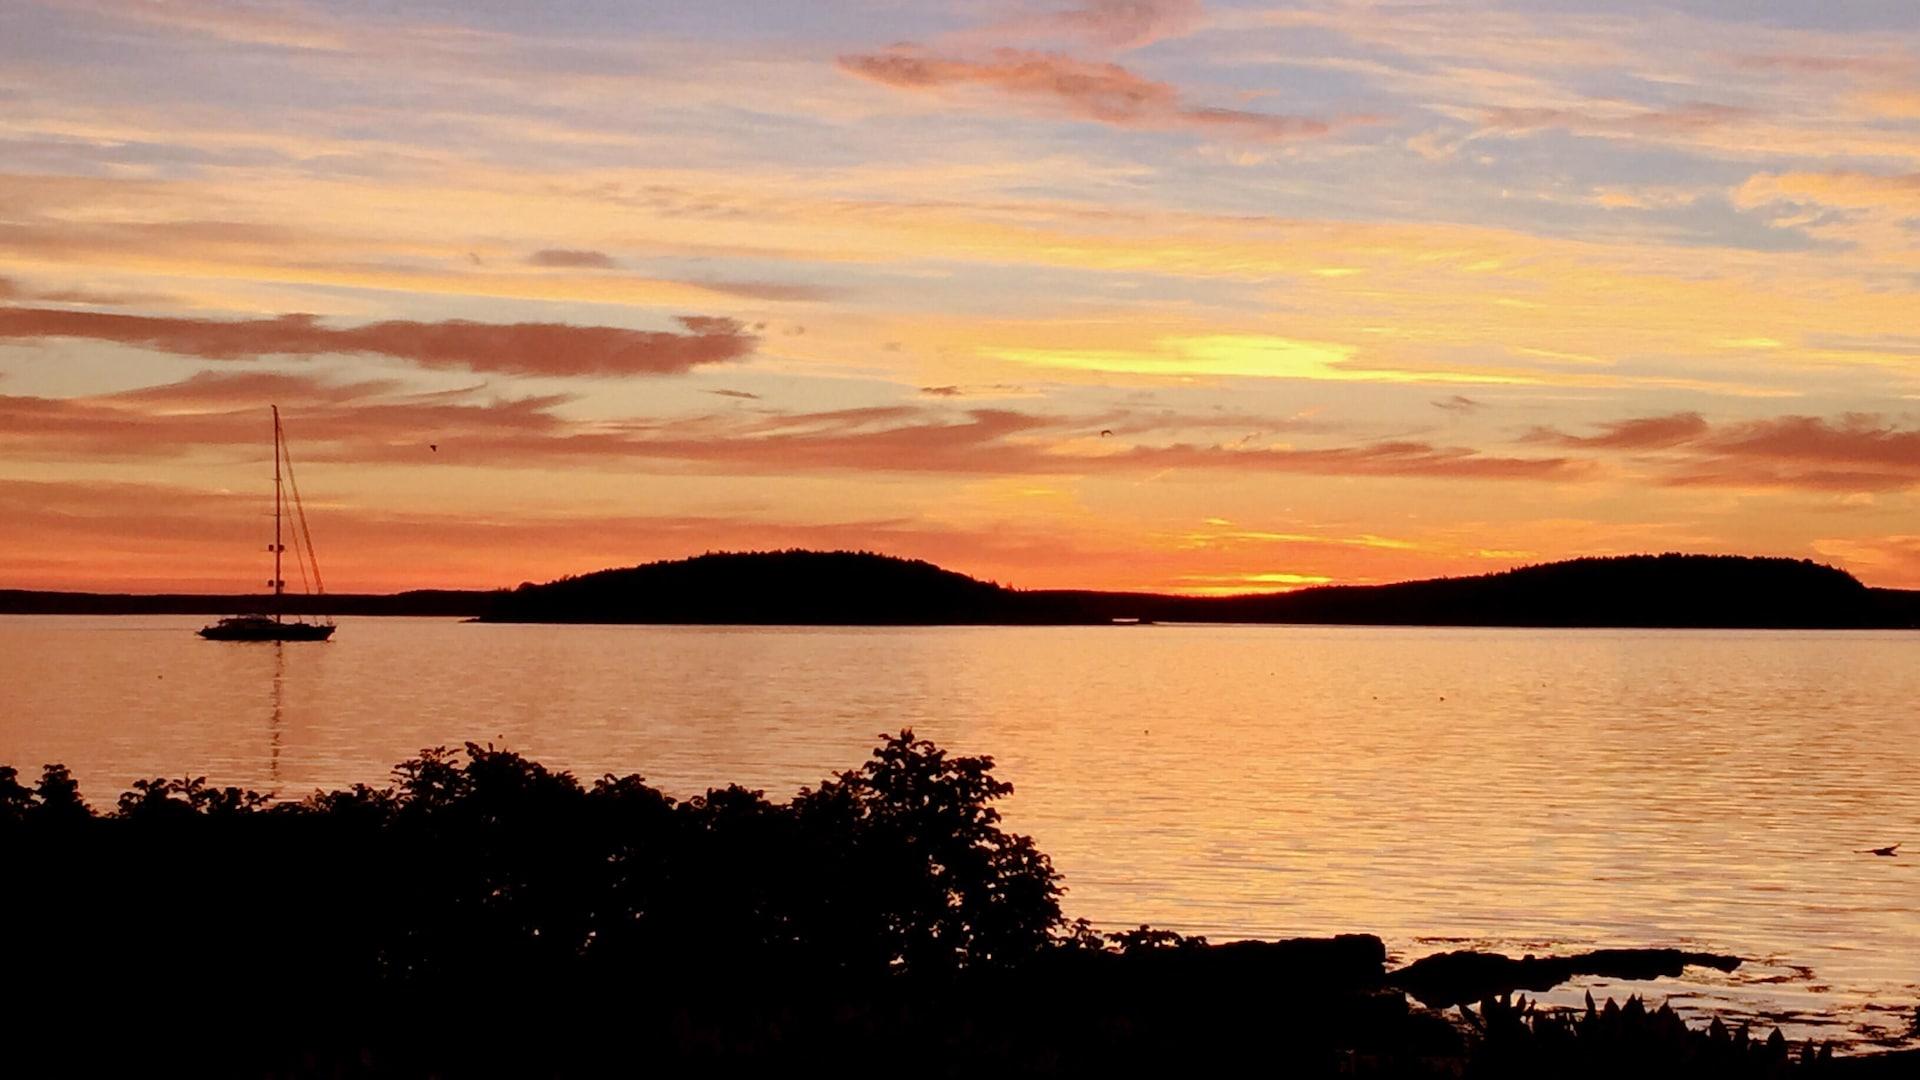 Photo d'un lever de soleil à Bar Harbor. Le ciel est teinté de rose, les feuillages au premier plan sont noirs, il y a un bateau à voile sur l'eau.